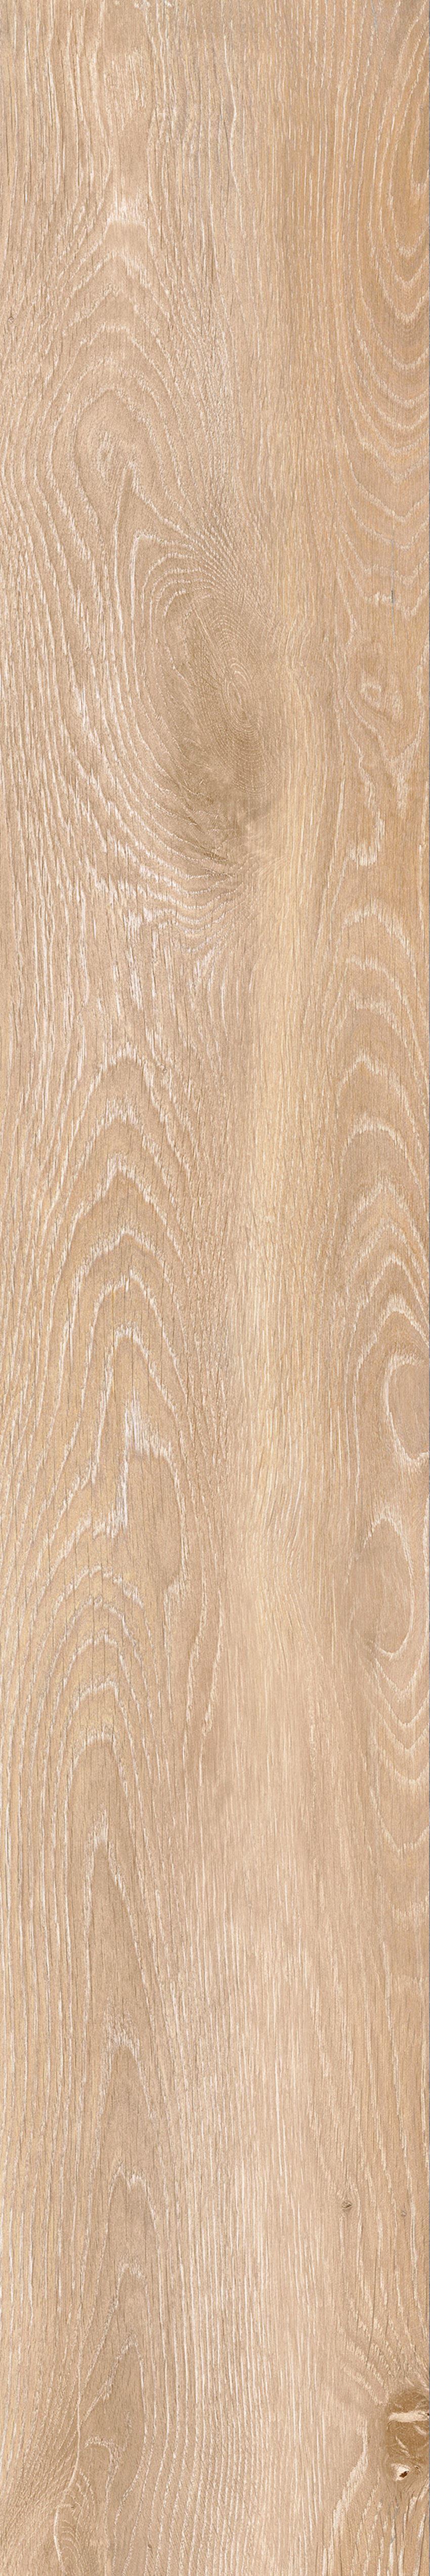 Płytka ścienno-podłogowa Cerrad Libero beige 46217 3